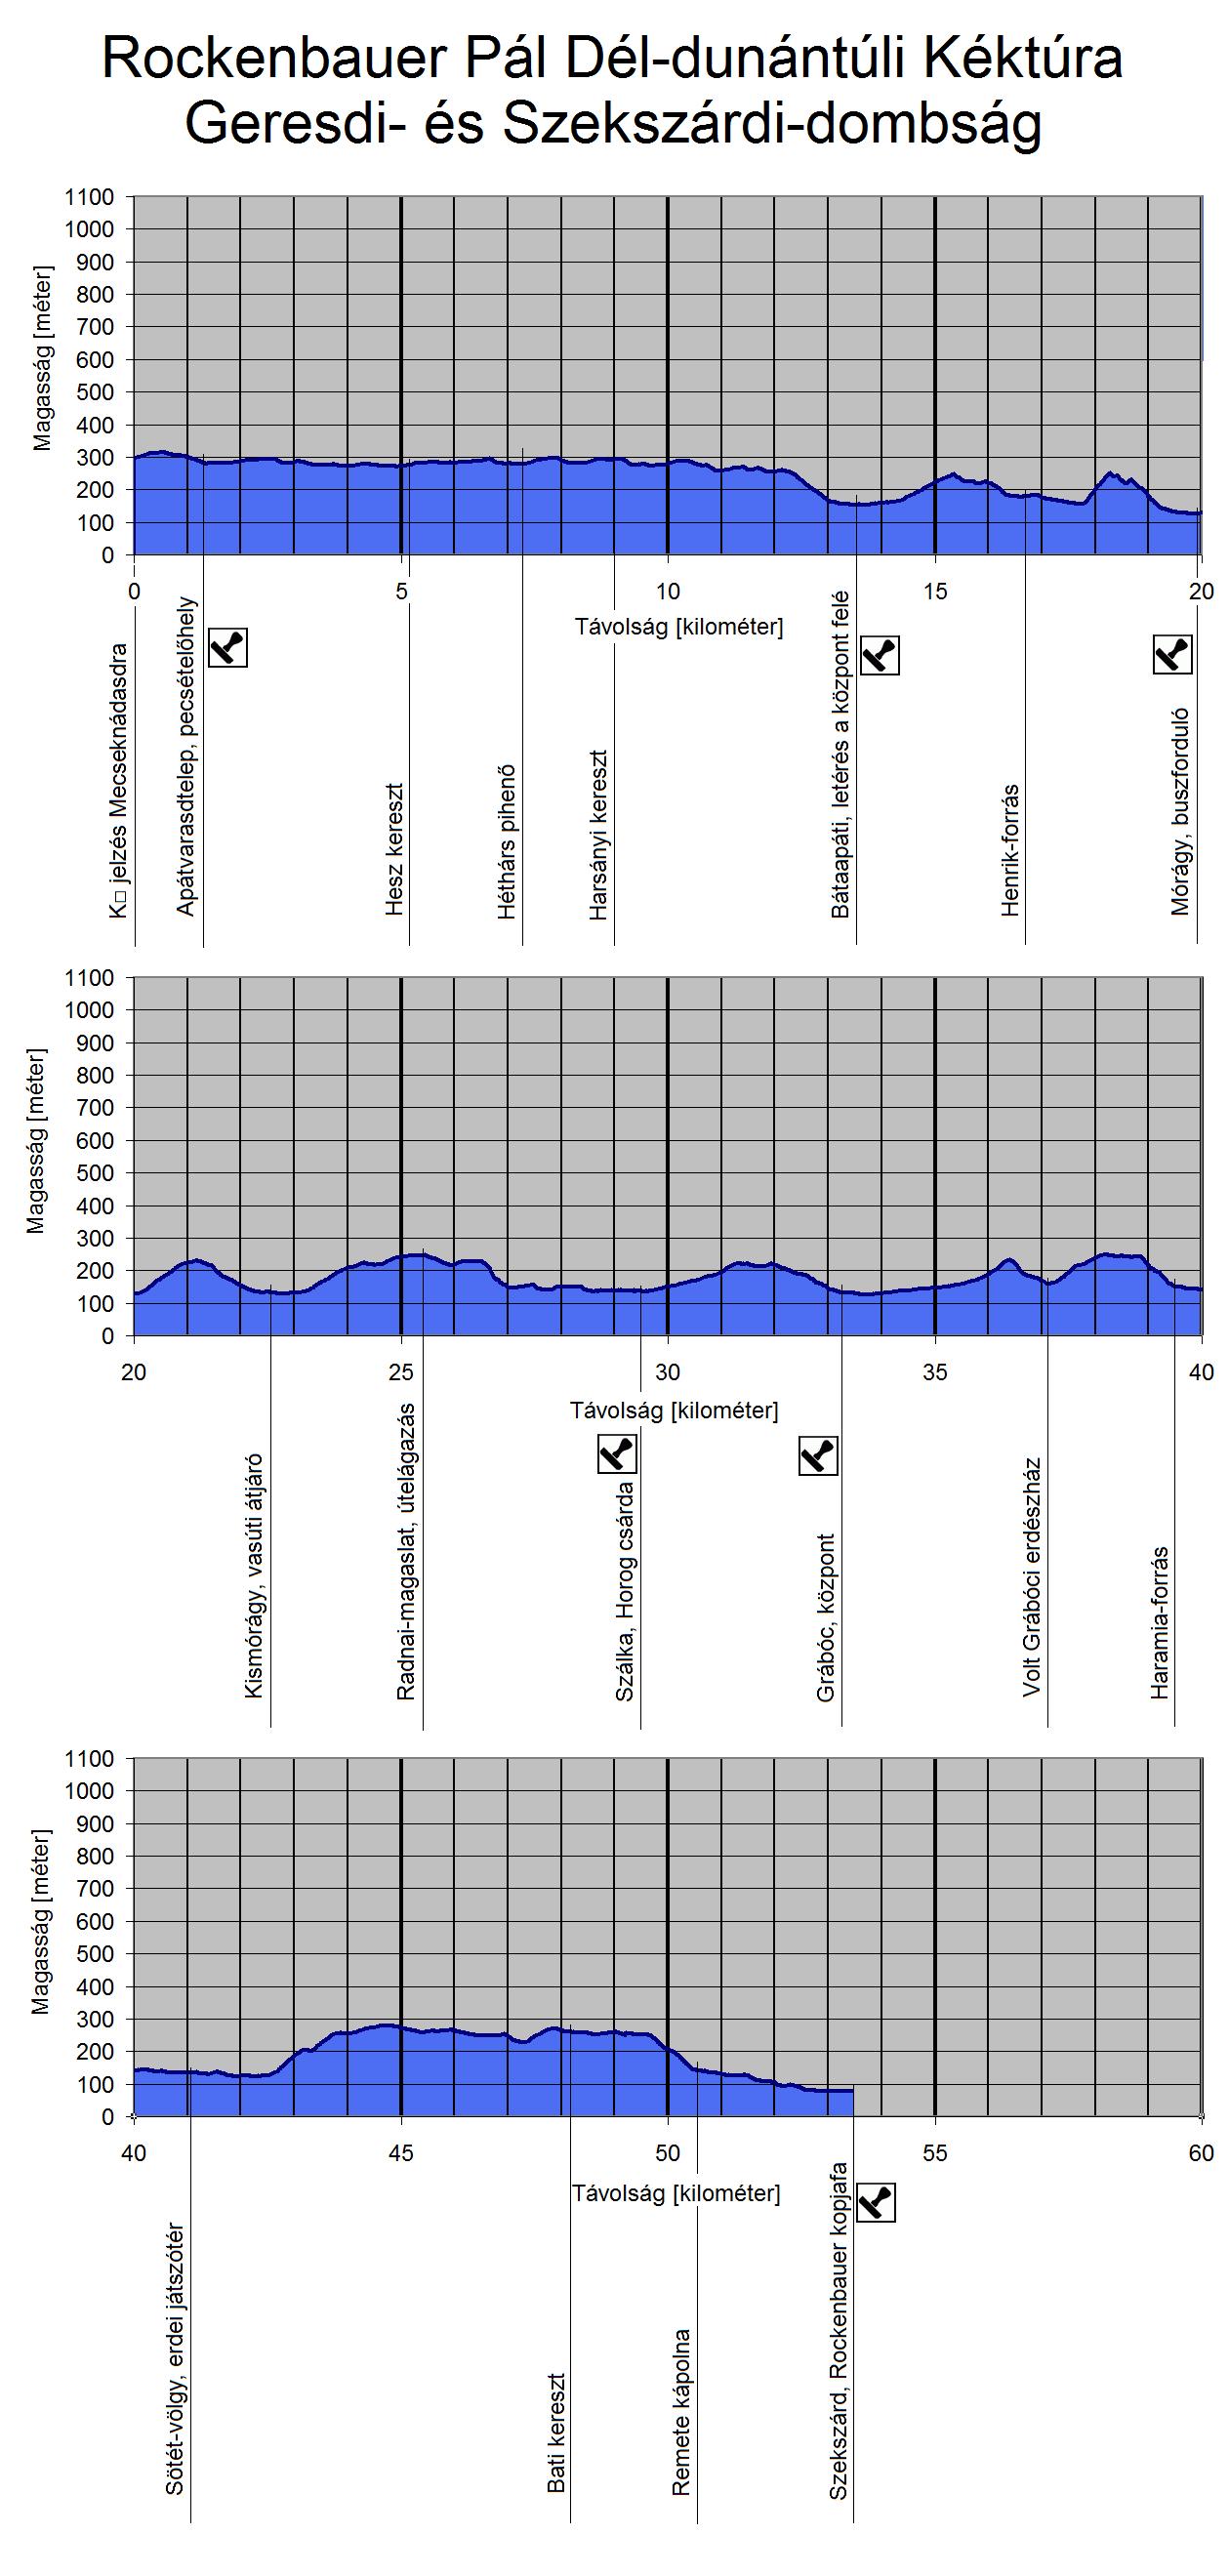 A Rockenbauer Pál Dél-dunántúli Kéktúra útvonalának szintmetszete a Geresdi- és Szekszárdi-dombságon